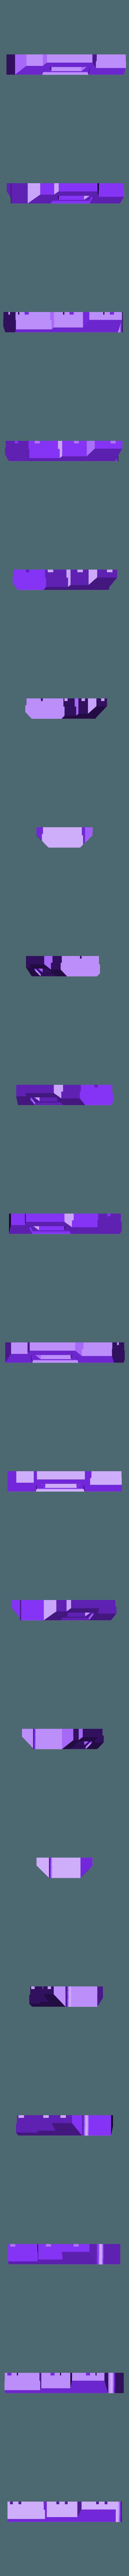 Top_3.stl Télécharger fichier STL gratuit Le concept du fusil Khan de Marvels The Exiles • Plan pour imprimante 3D, Dsk